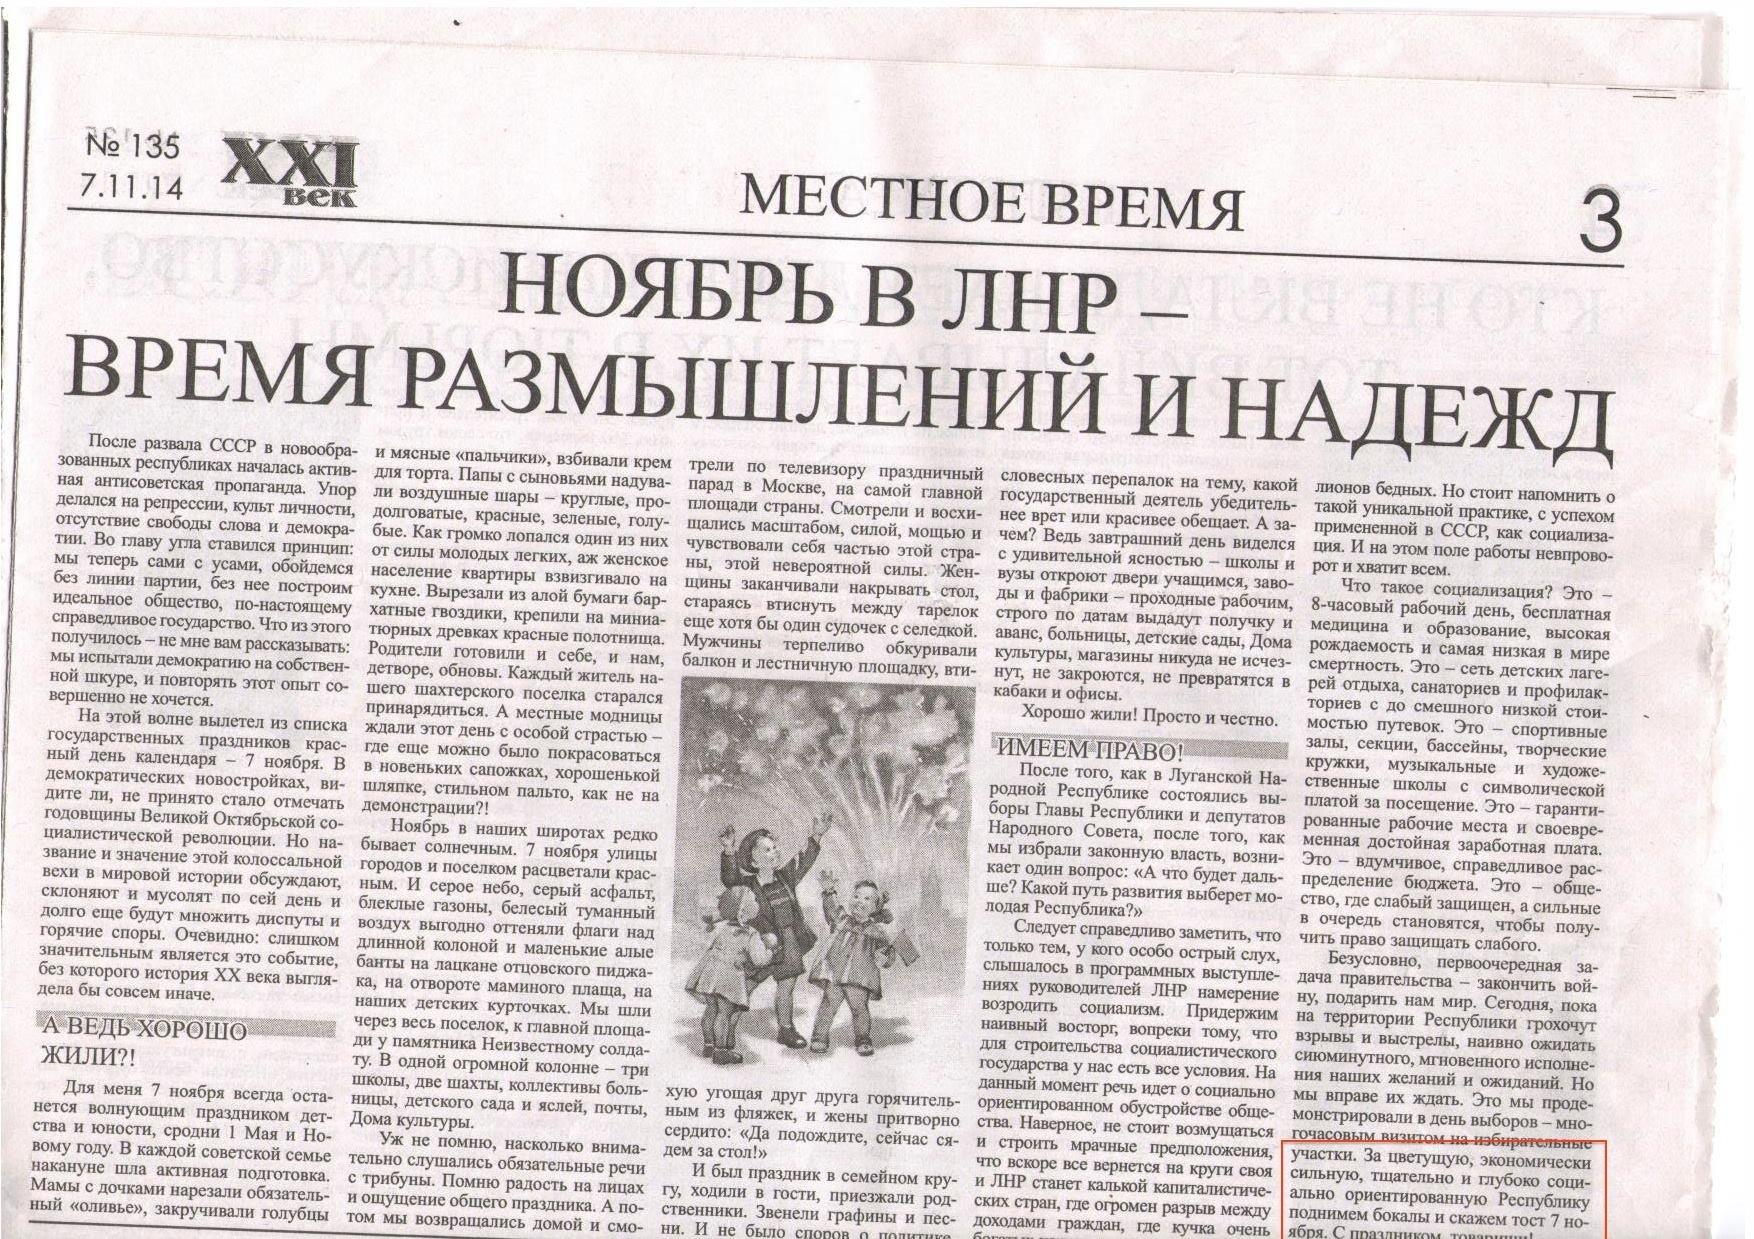 Вопрос люстрации главы СБУ Наливайченко будет рассматривать спецкомиссия, - глава Минюста - Цензор.НЕТ 462